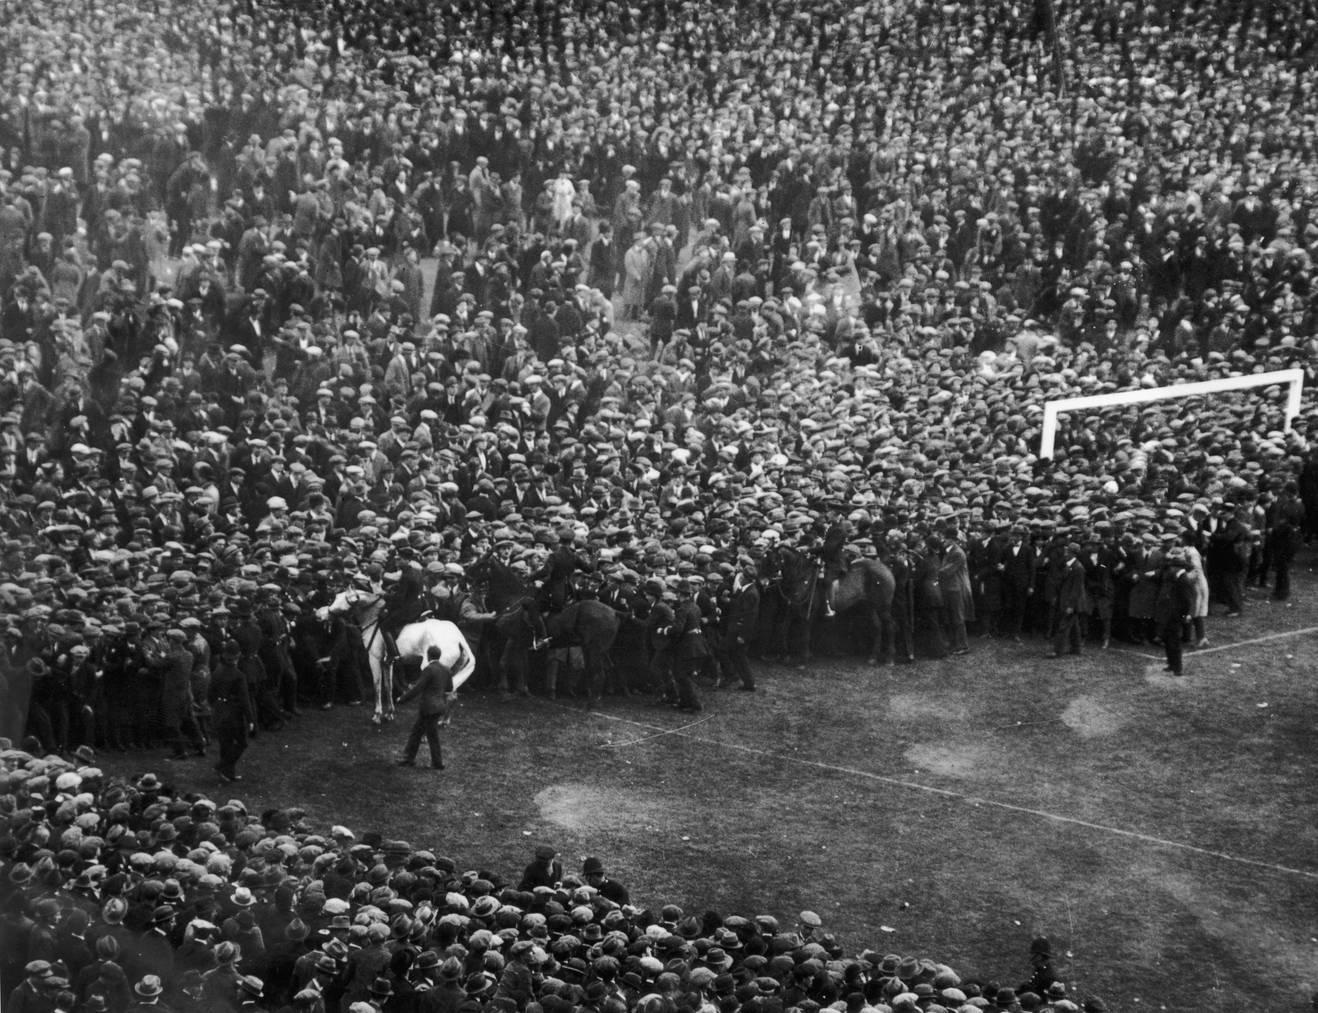 Pferd Billie drängt 1923 die Massen im Wembley Stadion zurück. Das Endspiel zwischen West Ham United und den Bolton Wanderers ist seither als «White Horse Final» bekannt. © Central Press/Getty Images